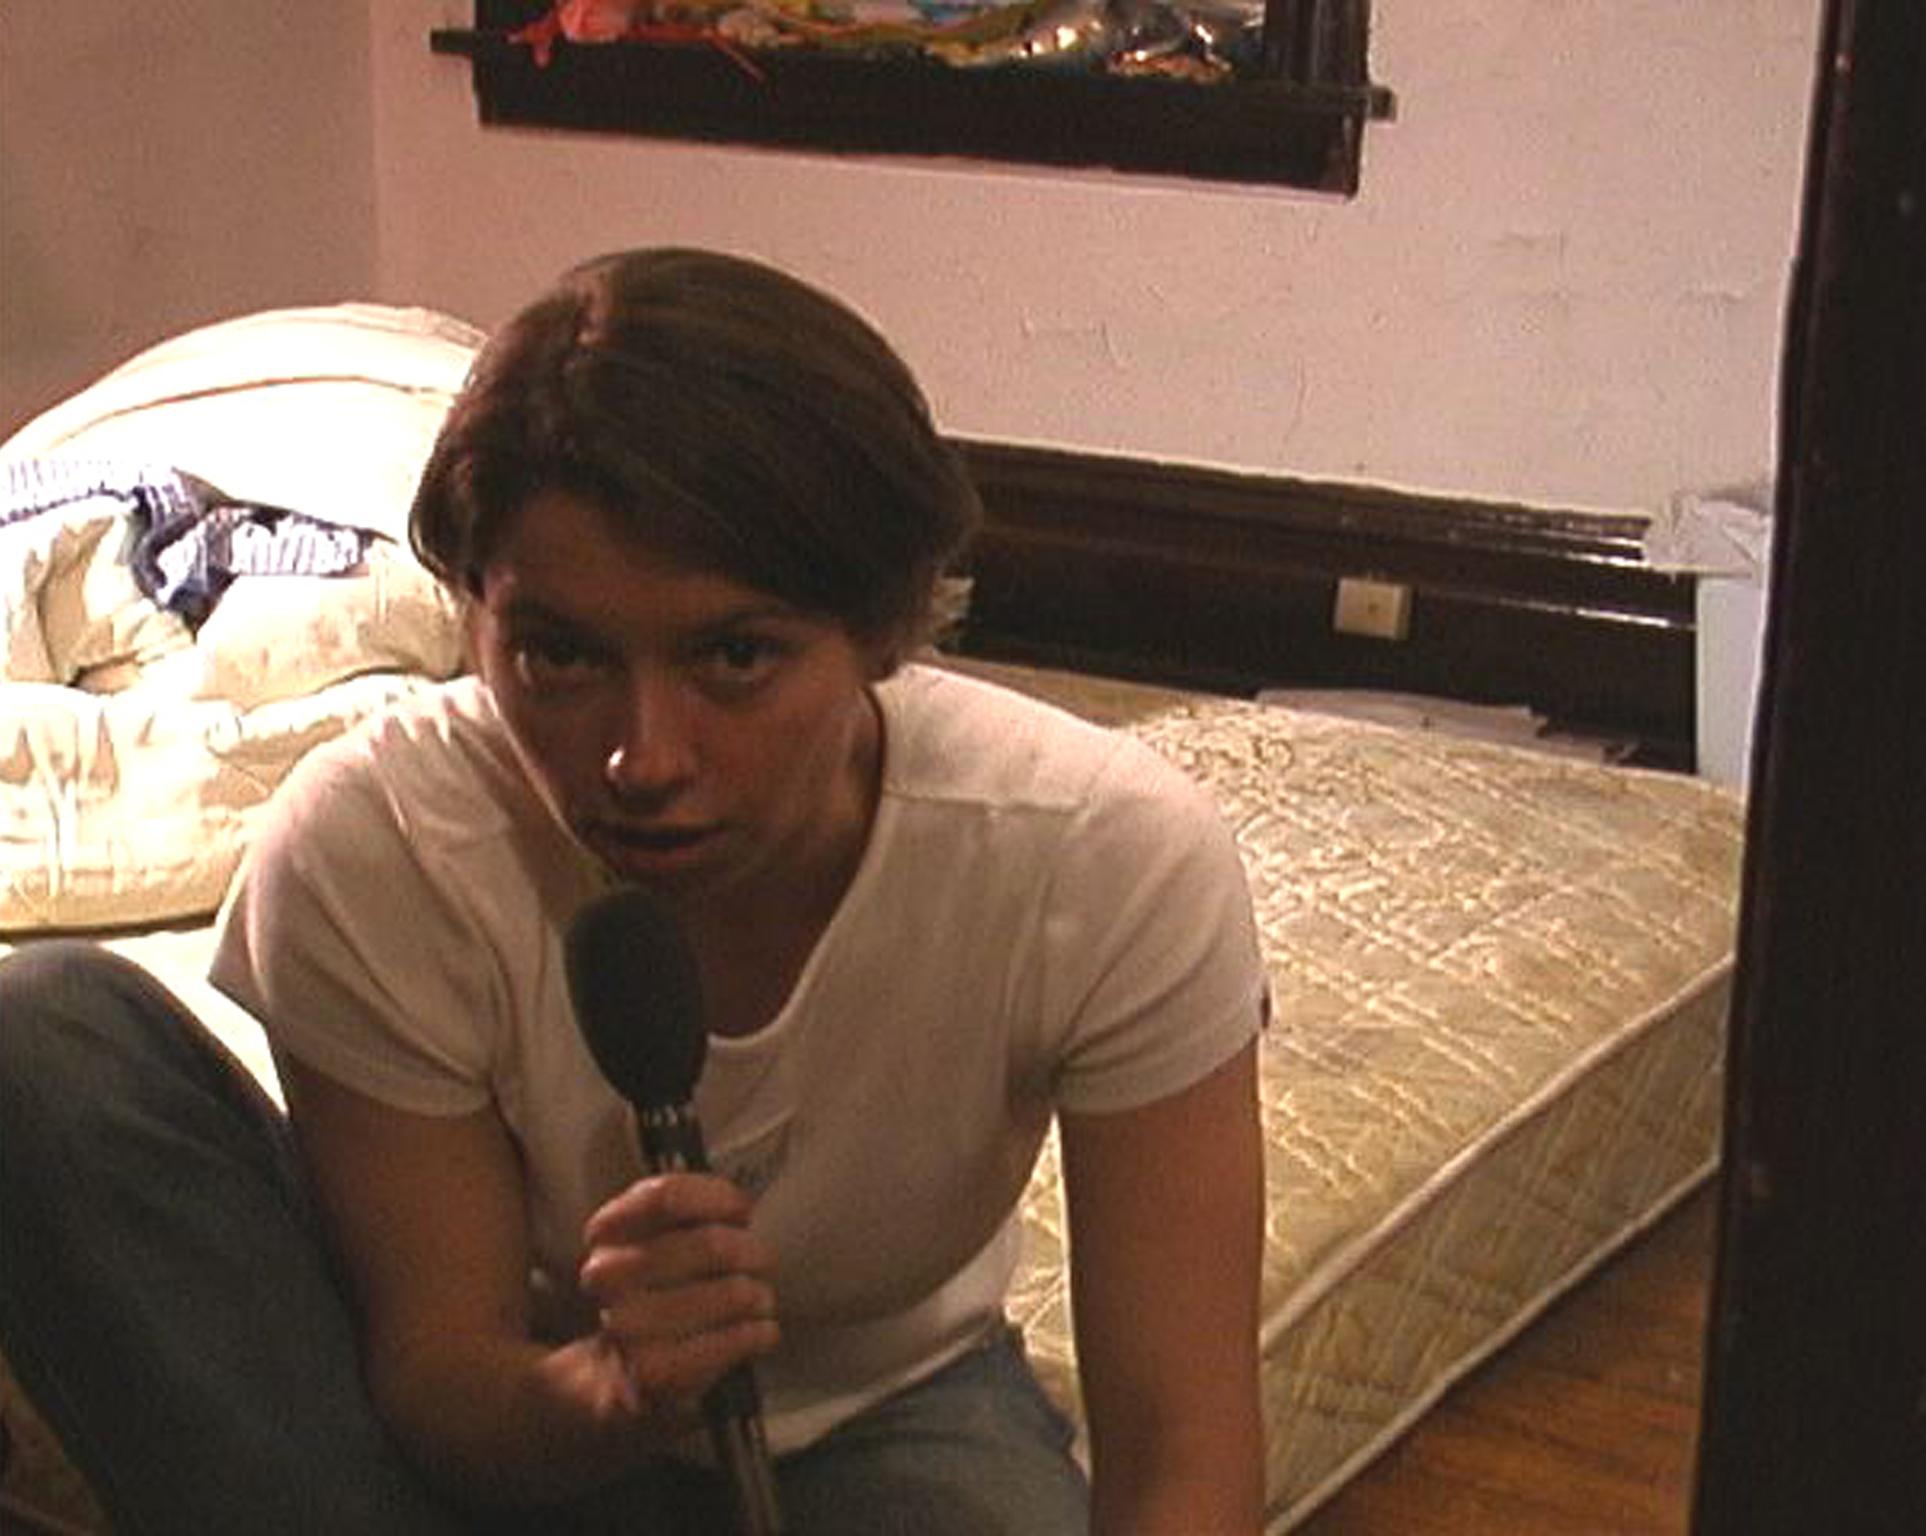 Isabelle Pauwels, Eddie (still), 2005, DVD, 22 minutes by